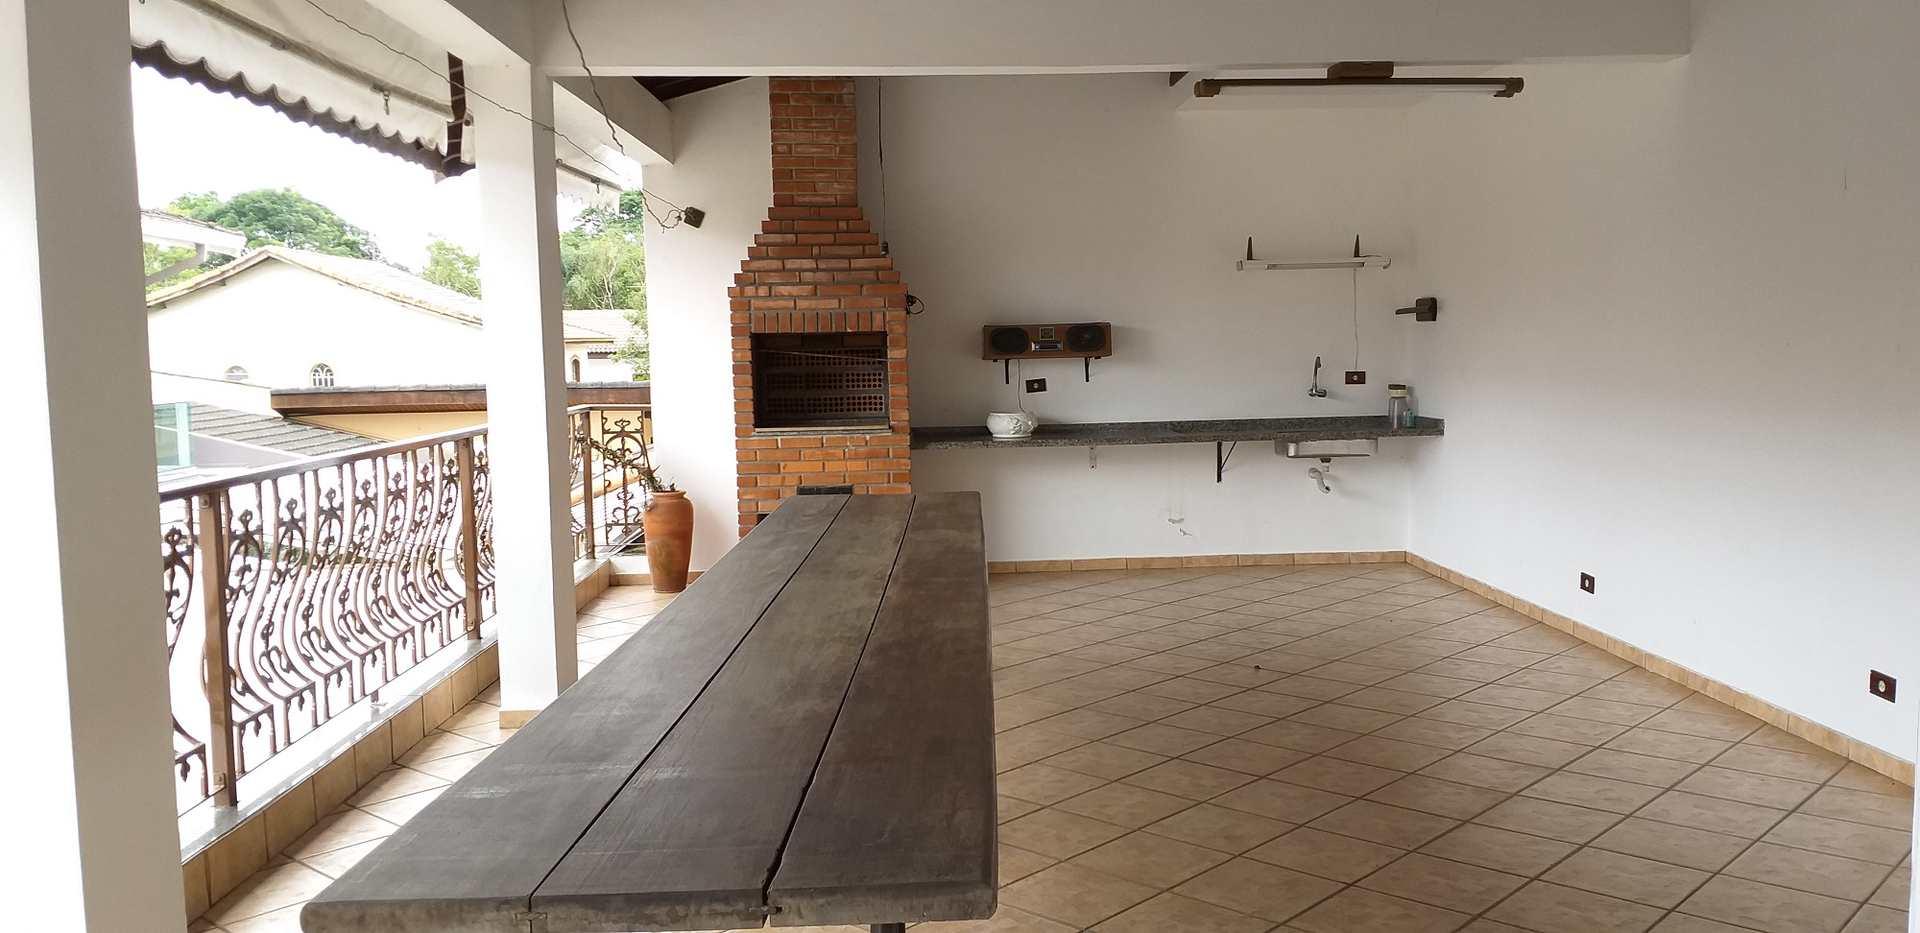 Sobrado com 4 dorms, Centro, Ribeirão Pires - R$ 1.17 mi, Cod: 1641